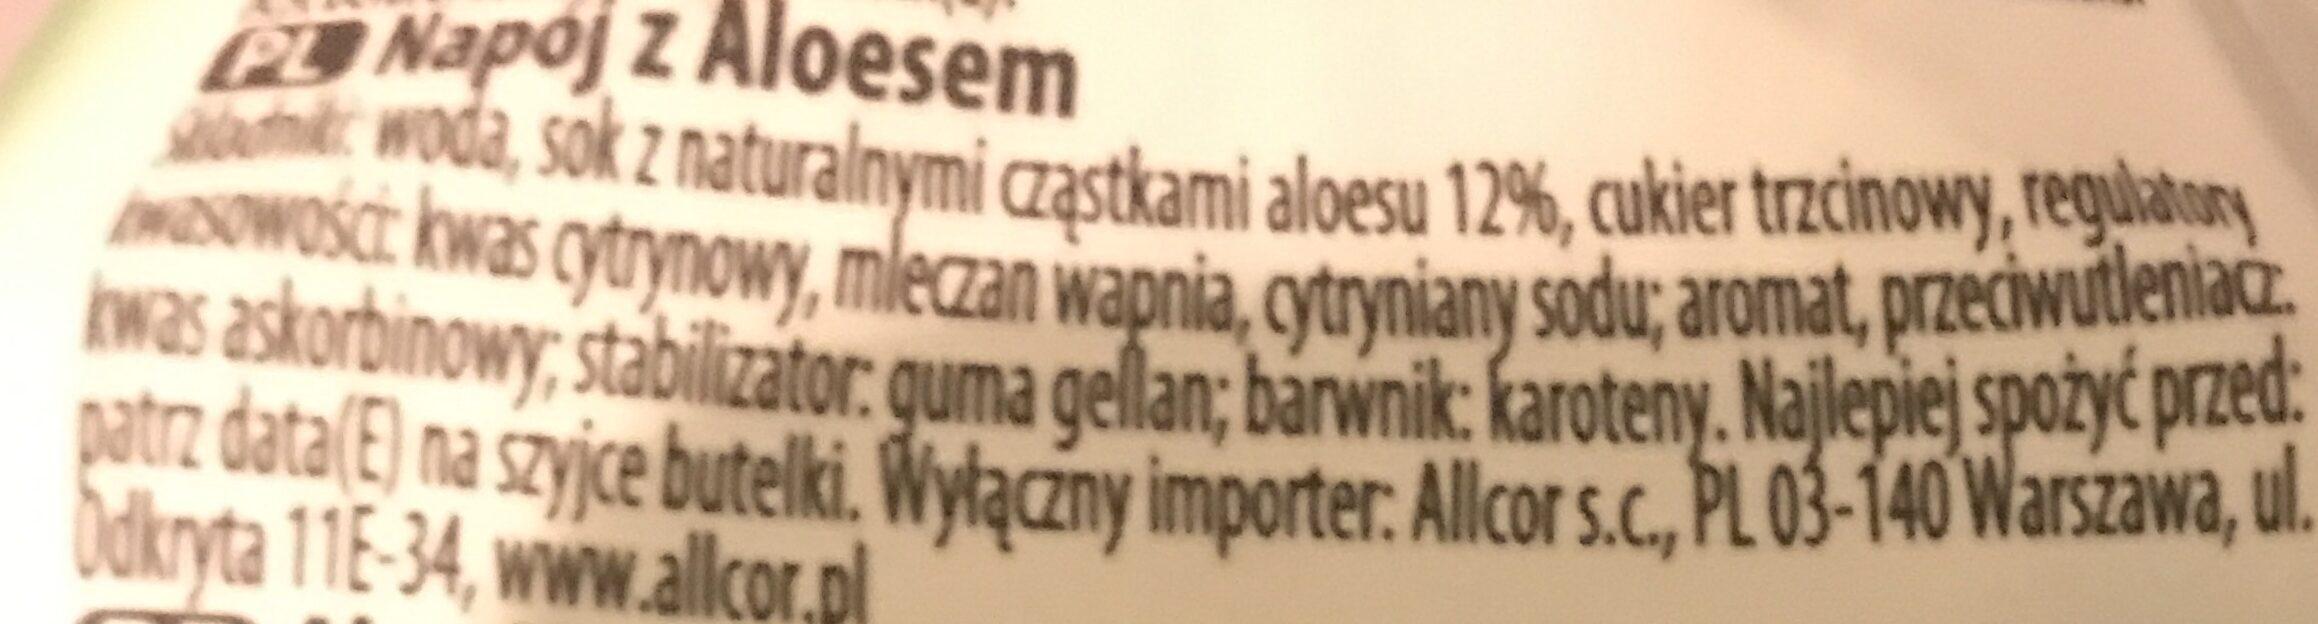 My Aloe Original Napój Z Aloesu 1,5L - Składniki - pl